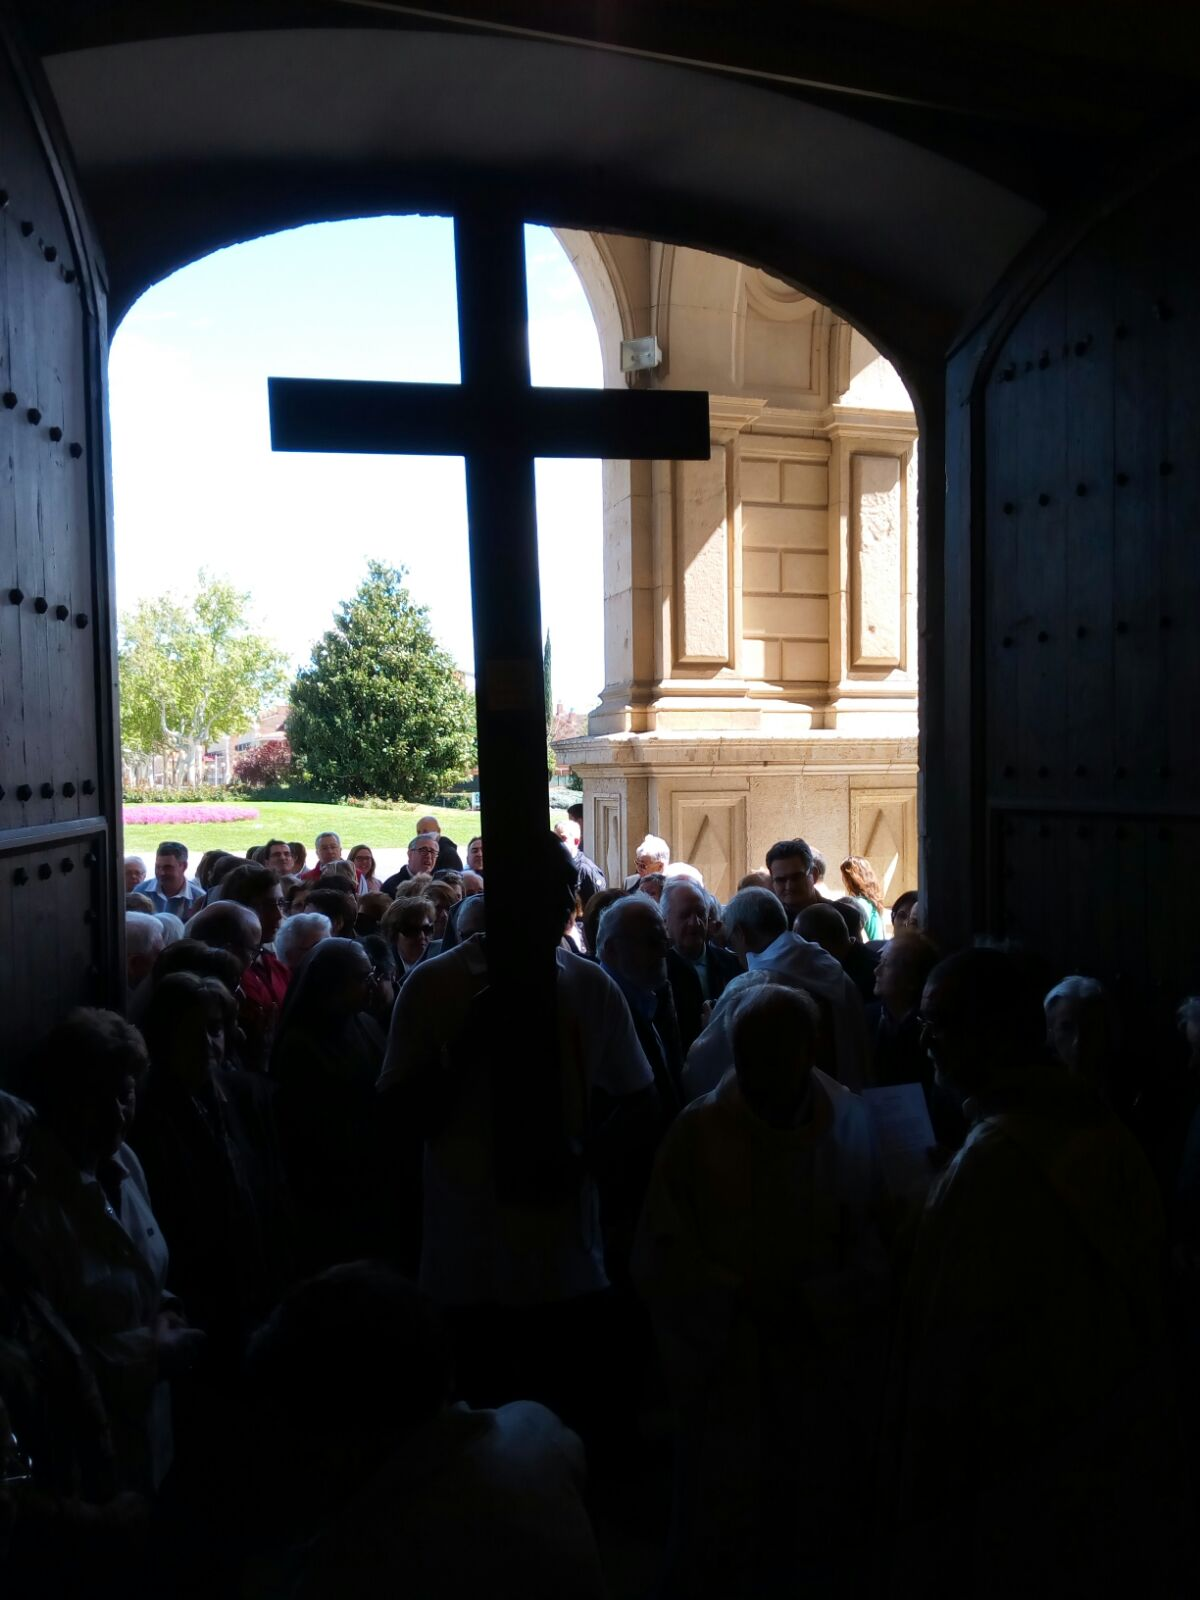 Peregrinació de la parròquia de Crist Rei de Reus (17-4-2016)